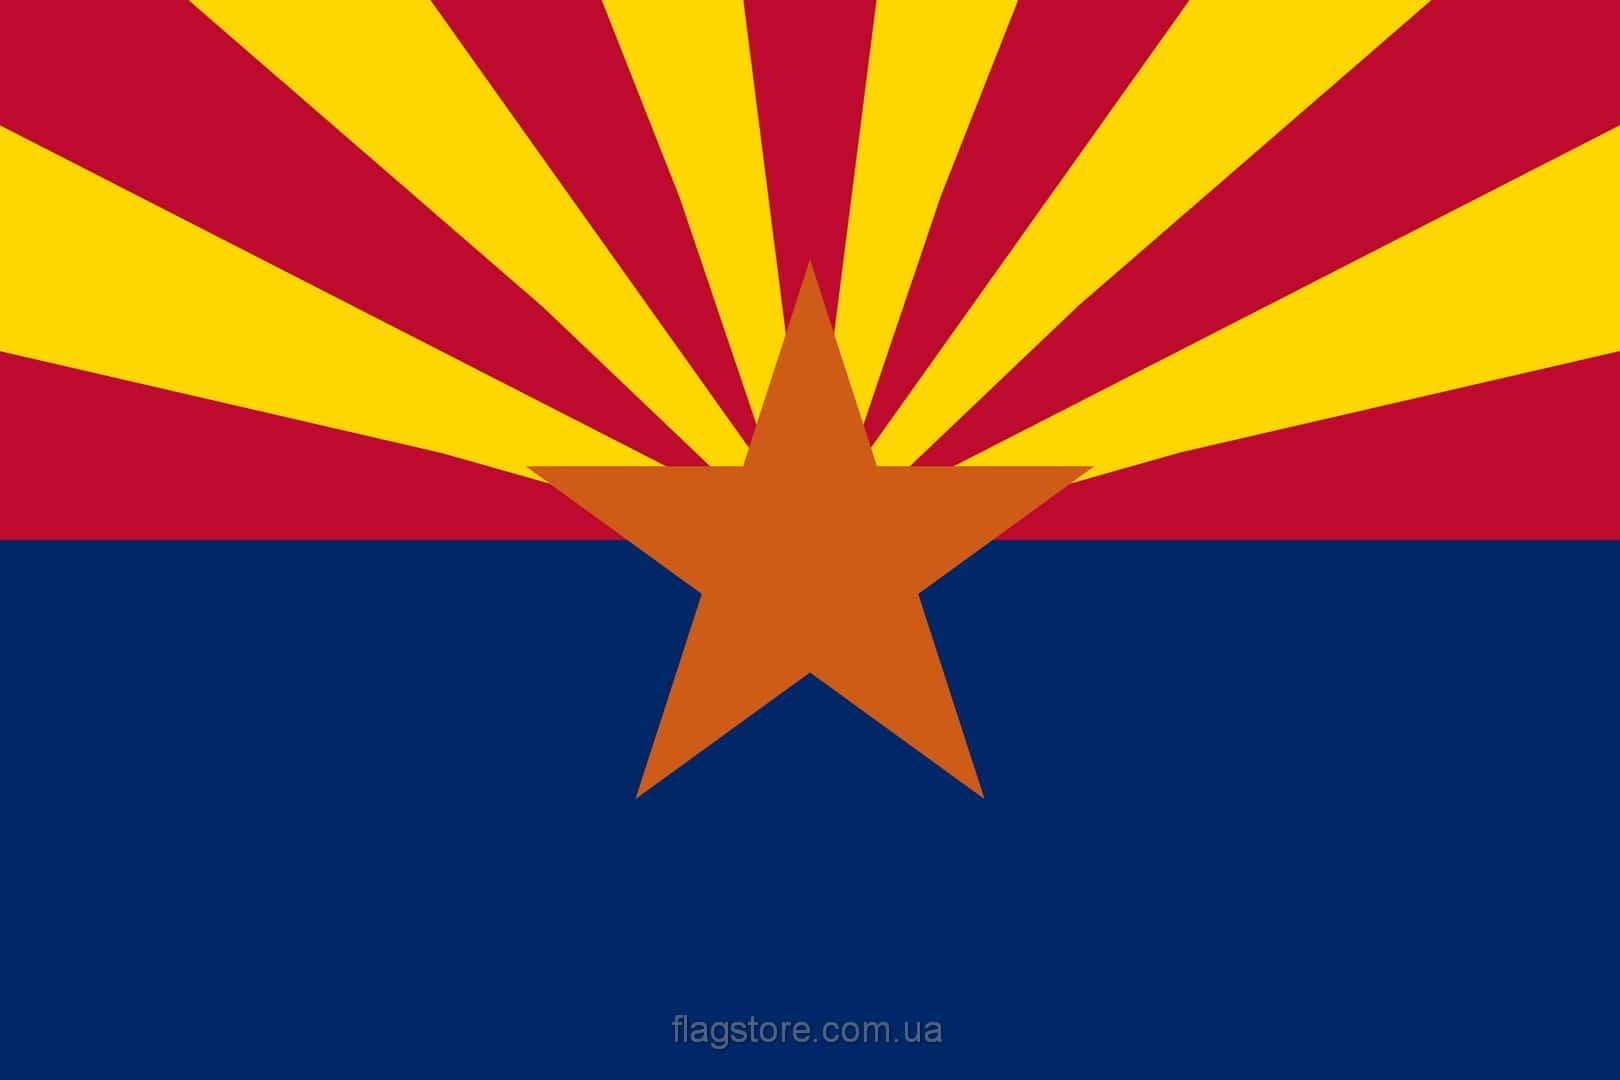 Купить флаг Аризоны (штата Аризона)